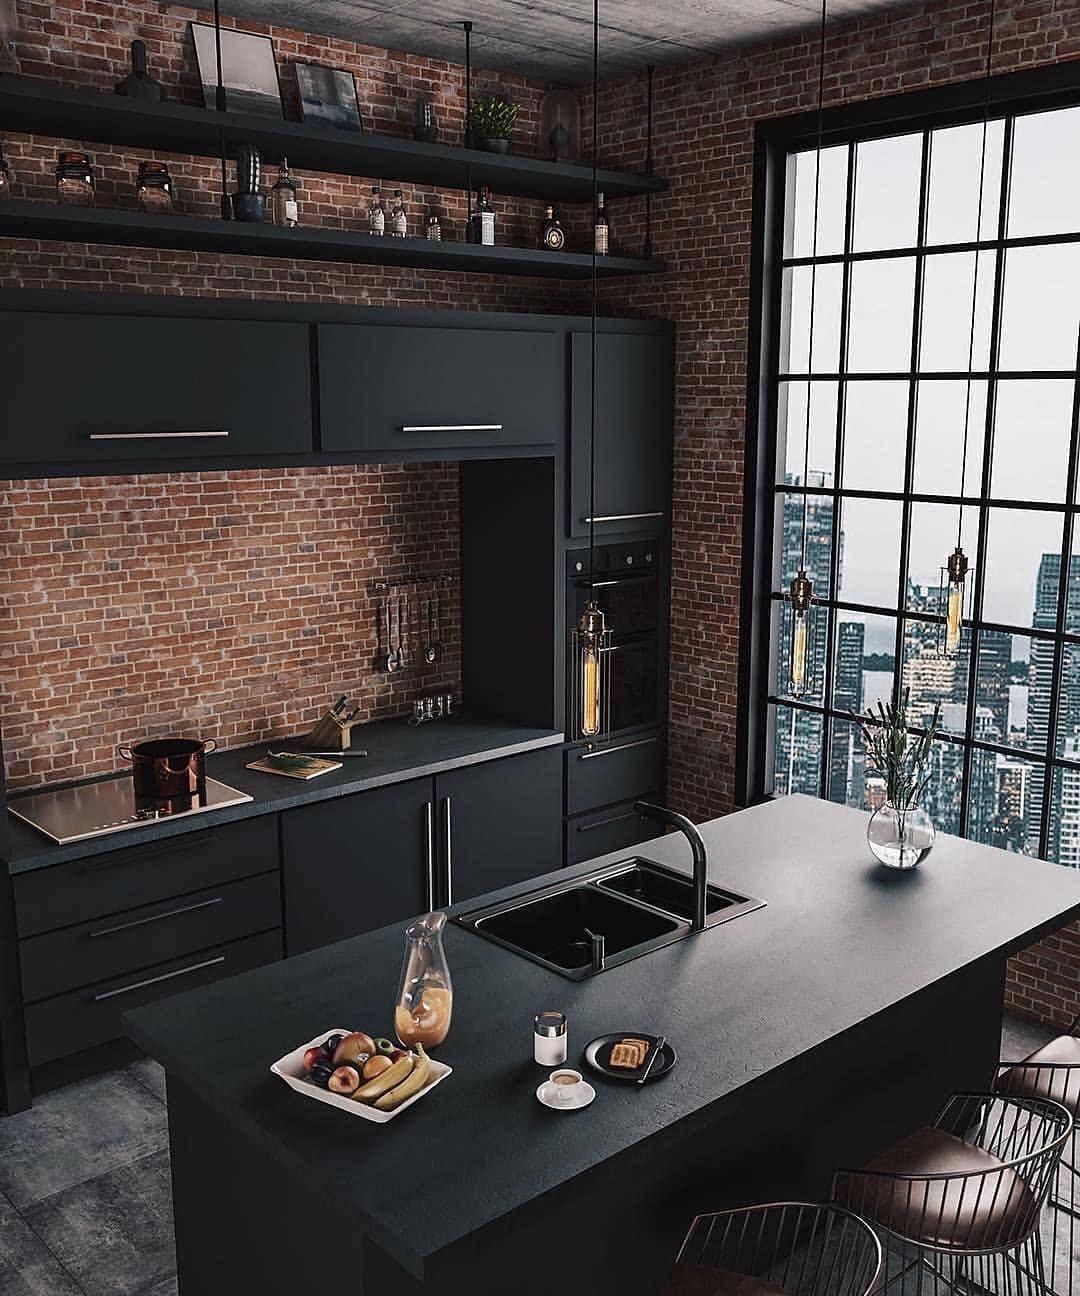 40 beste Ideen zu Gunsten von die Inneneinrichtung von Küchen 2019 #beste #ideen #inneneinrichtung #kuchen #kitchen interior design 40 beste Ideen zu Gunsten von die Inneneinrichtung von Küchen 2019